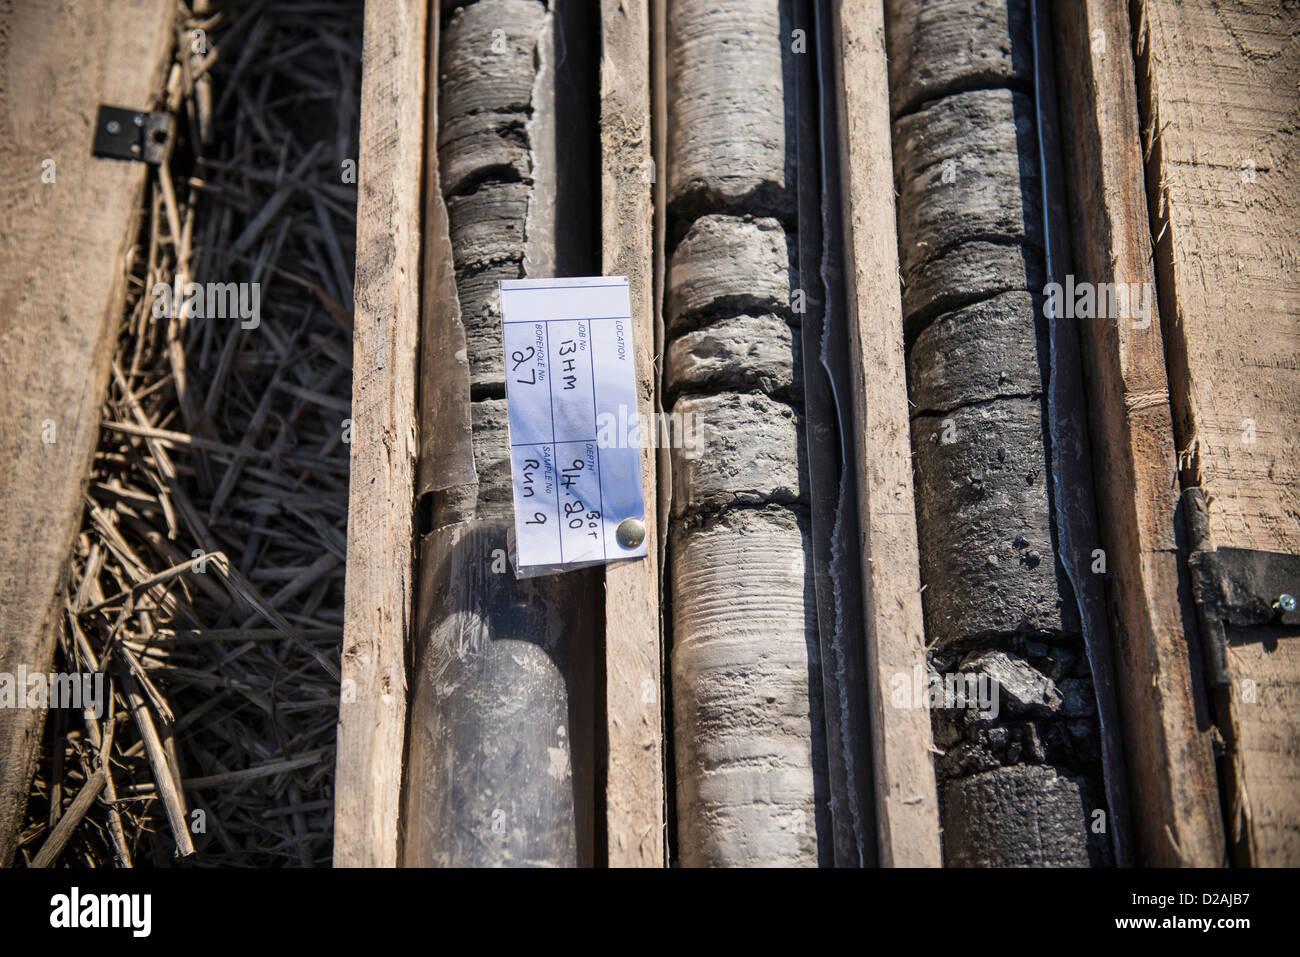 Des échantillons de carottes de forage à coal mine Photo Stock